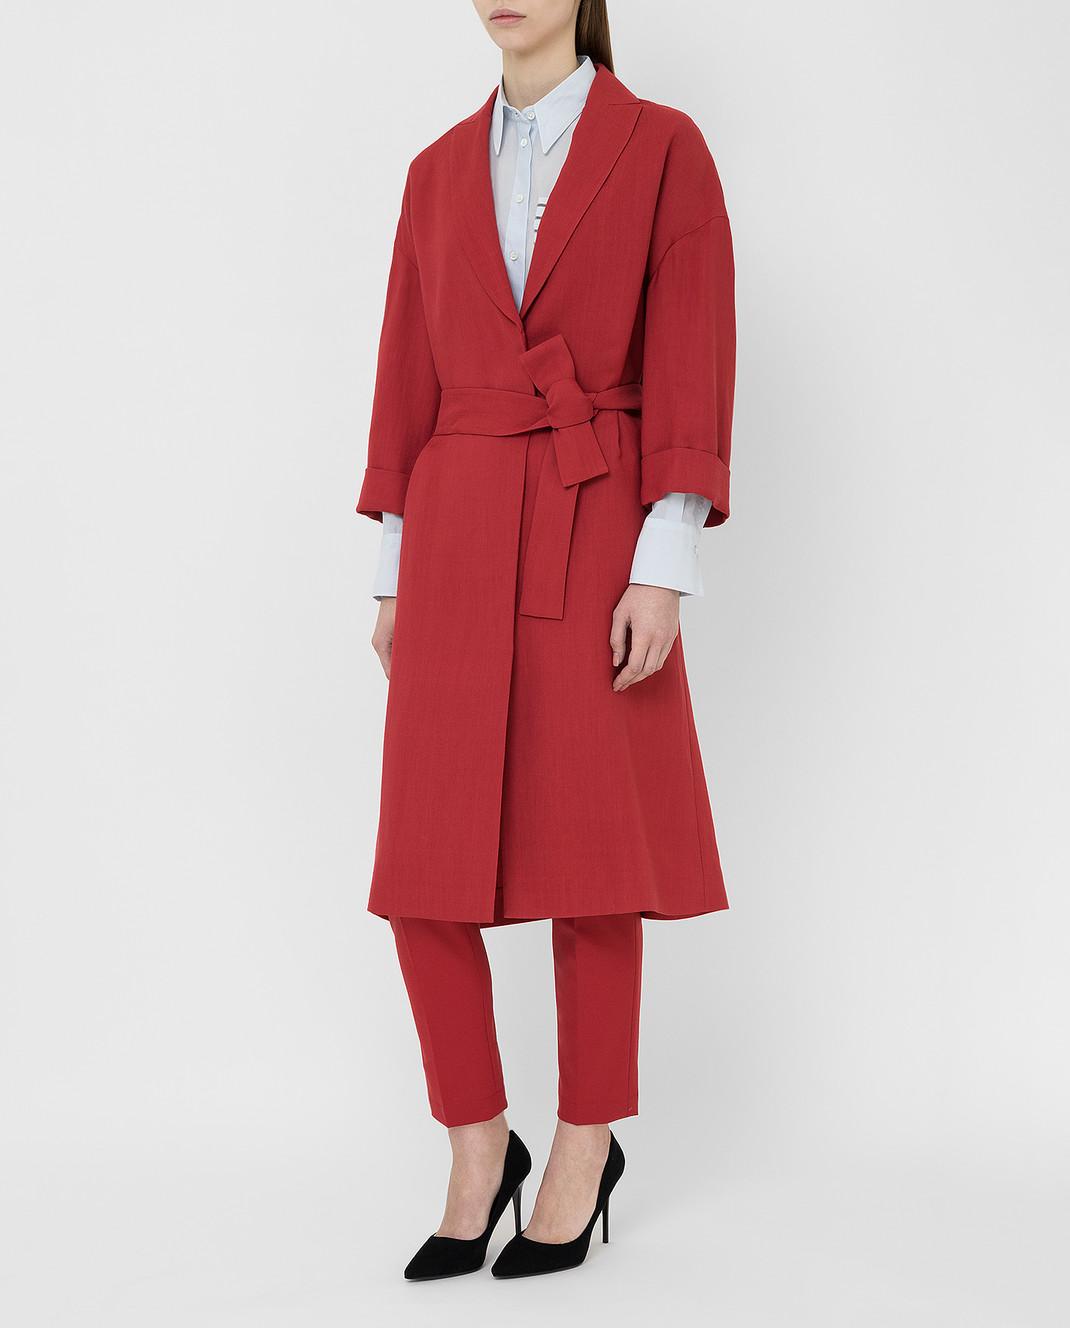 Brunello Cucinelli Красное пальто MH1269398 изображение 3